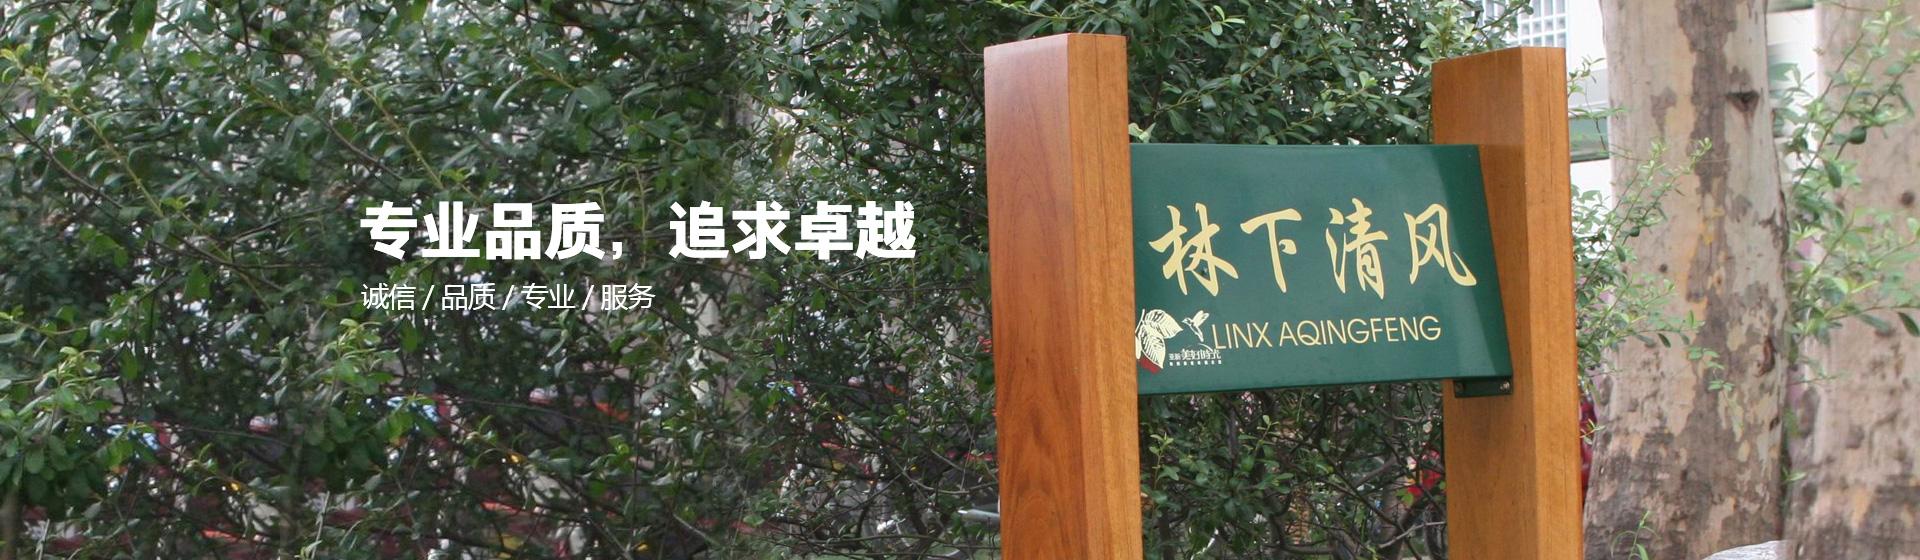 郑州景区标识牌,导视牌,商场标识牌